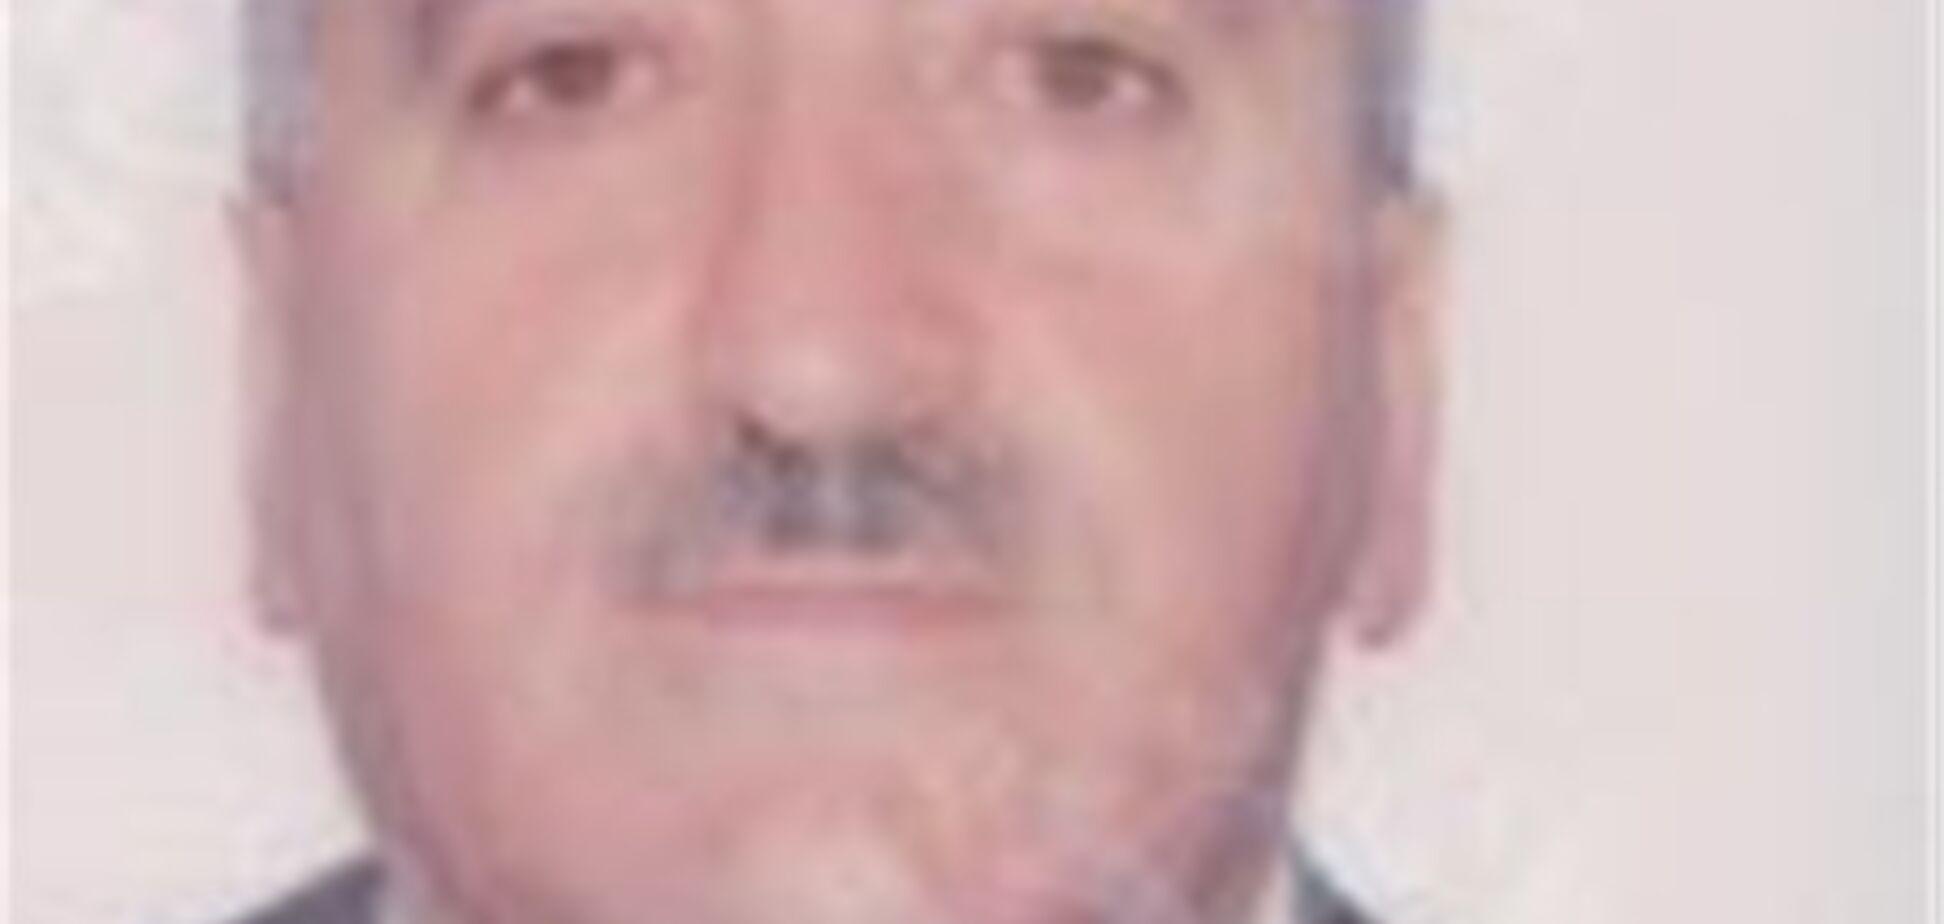 Убийство предпринимателя в Крыму: подробности происшествия